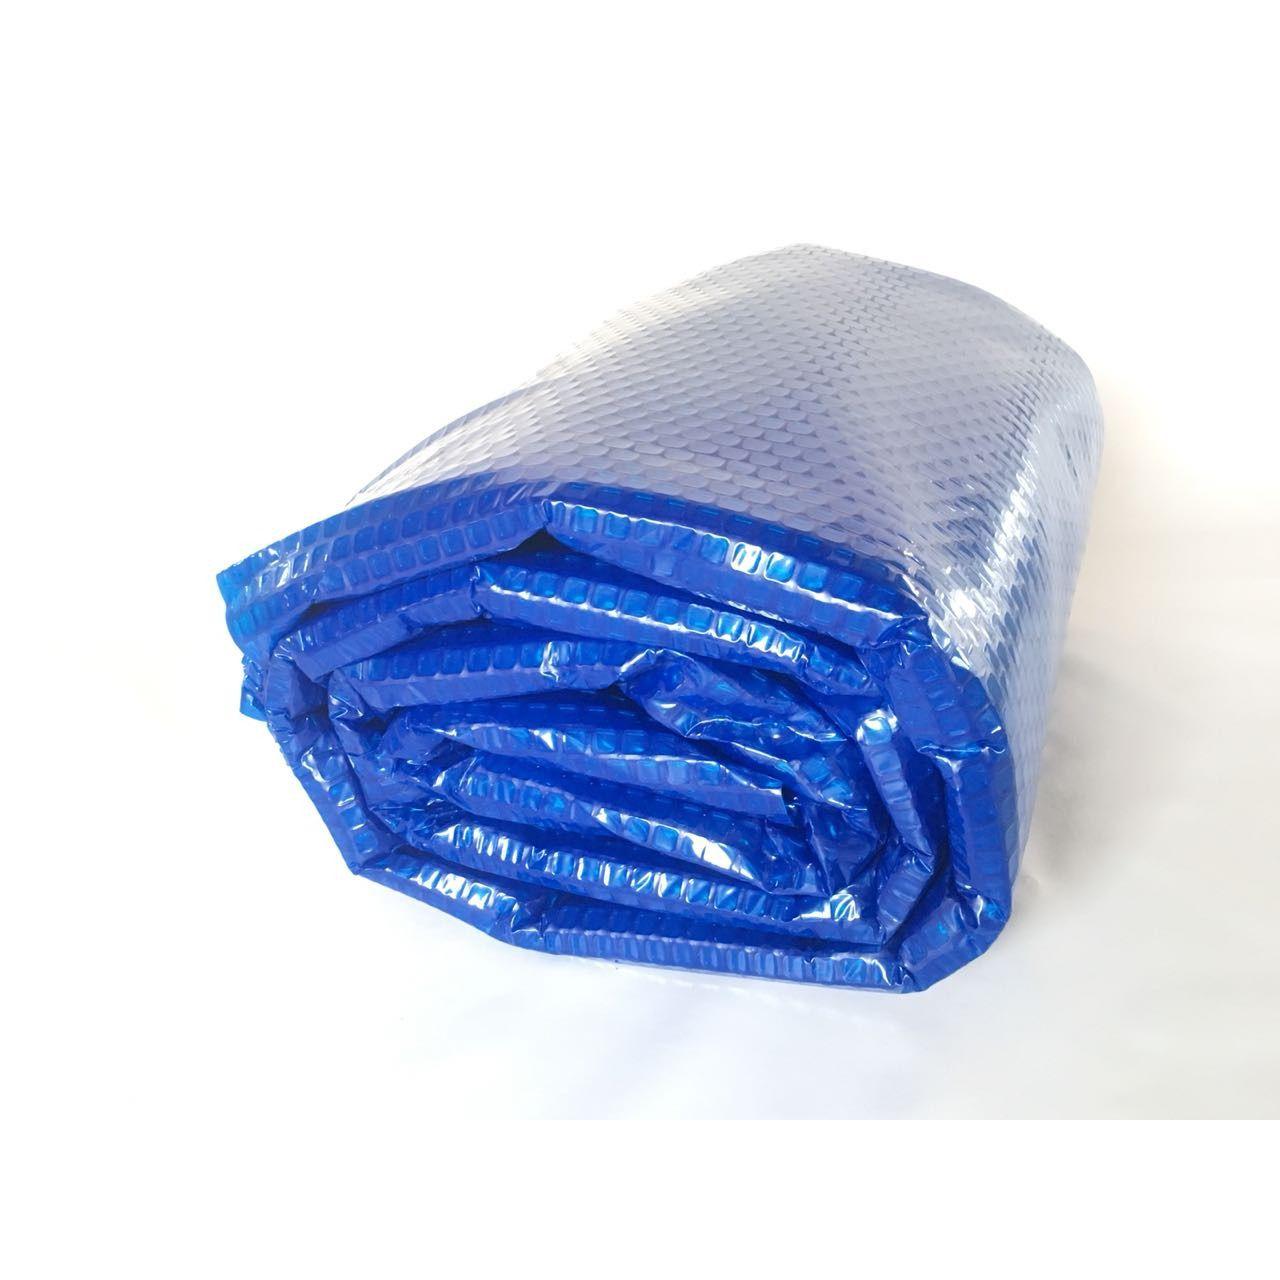 Capa Térmica Azul Para Piscina 300 Micras 6x3